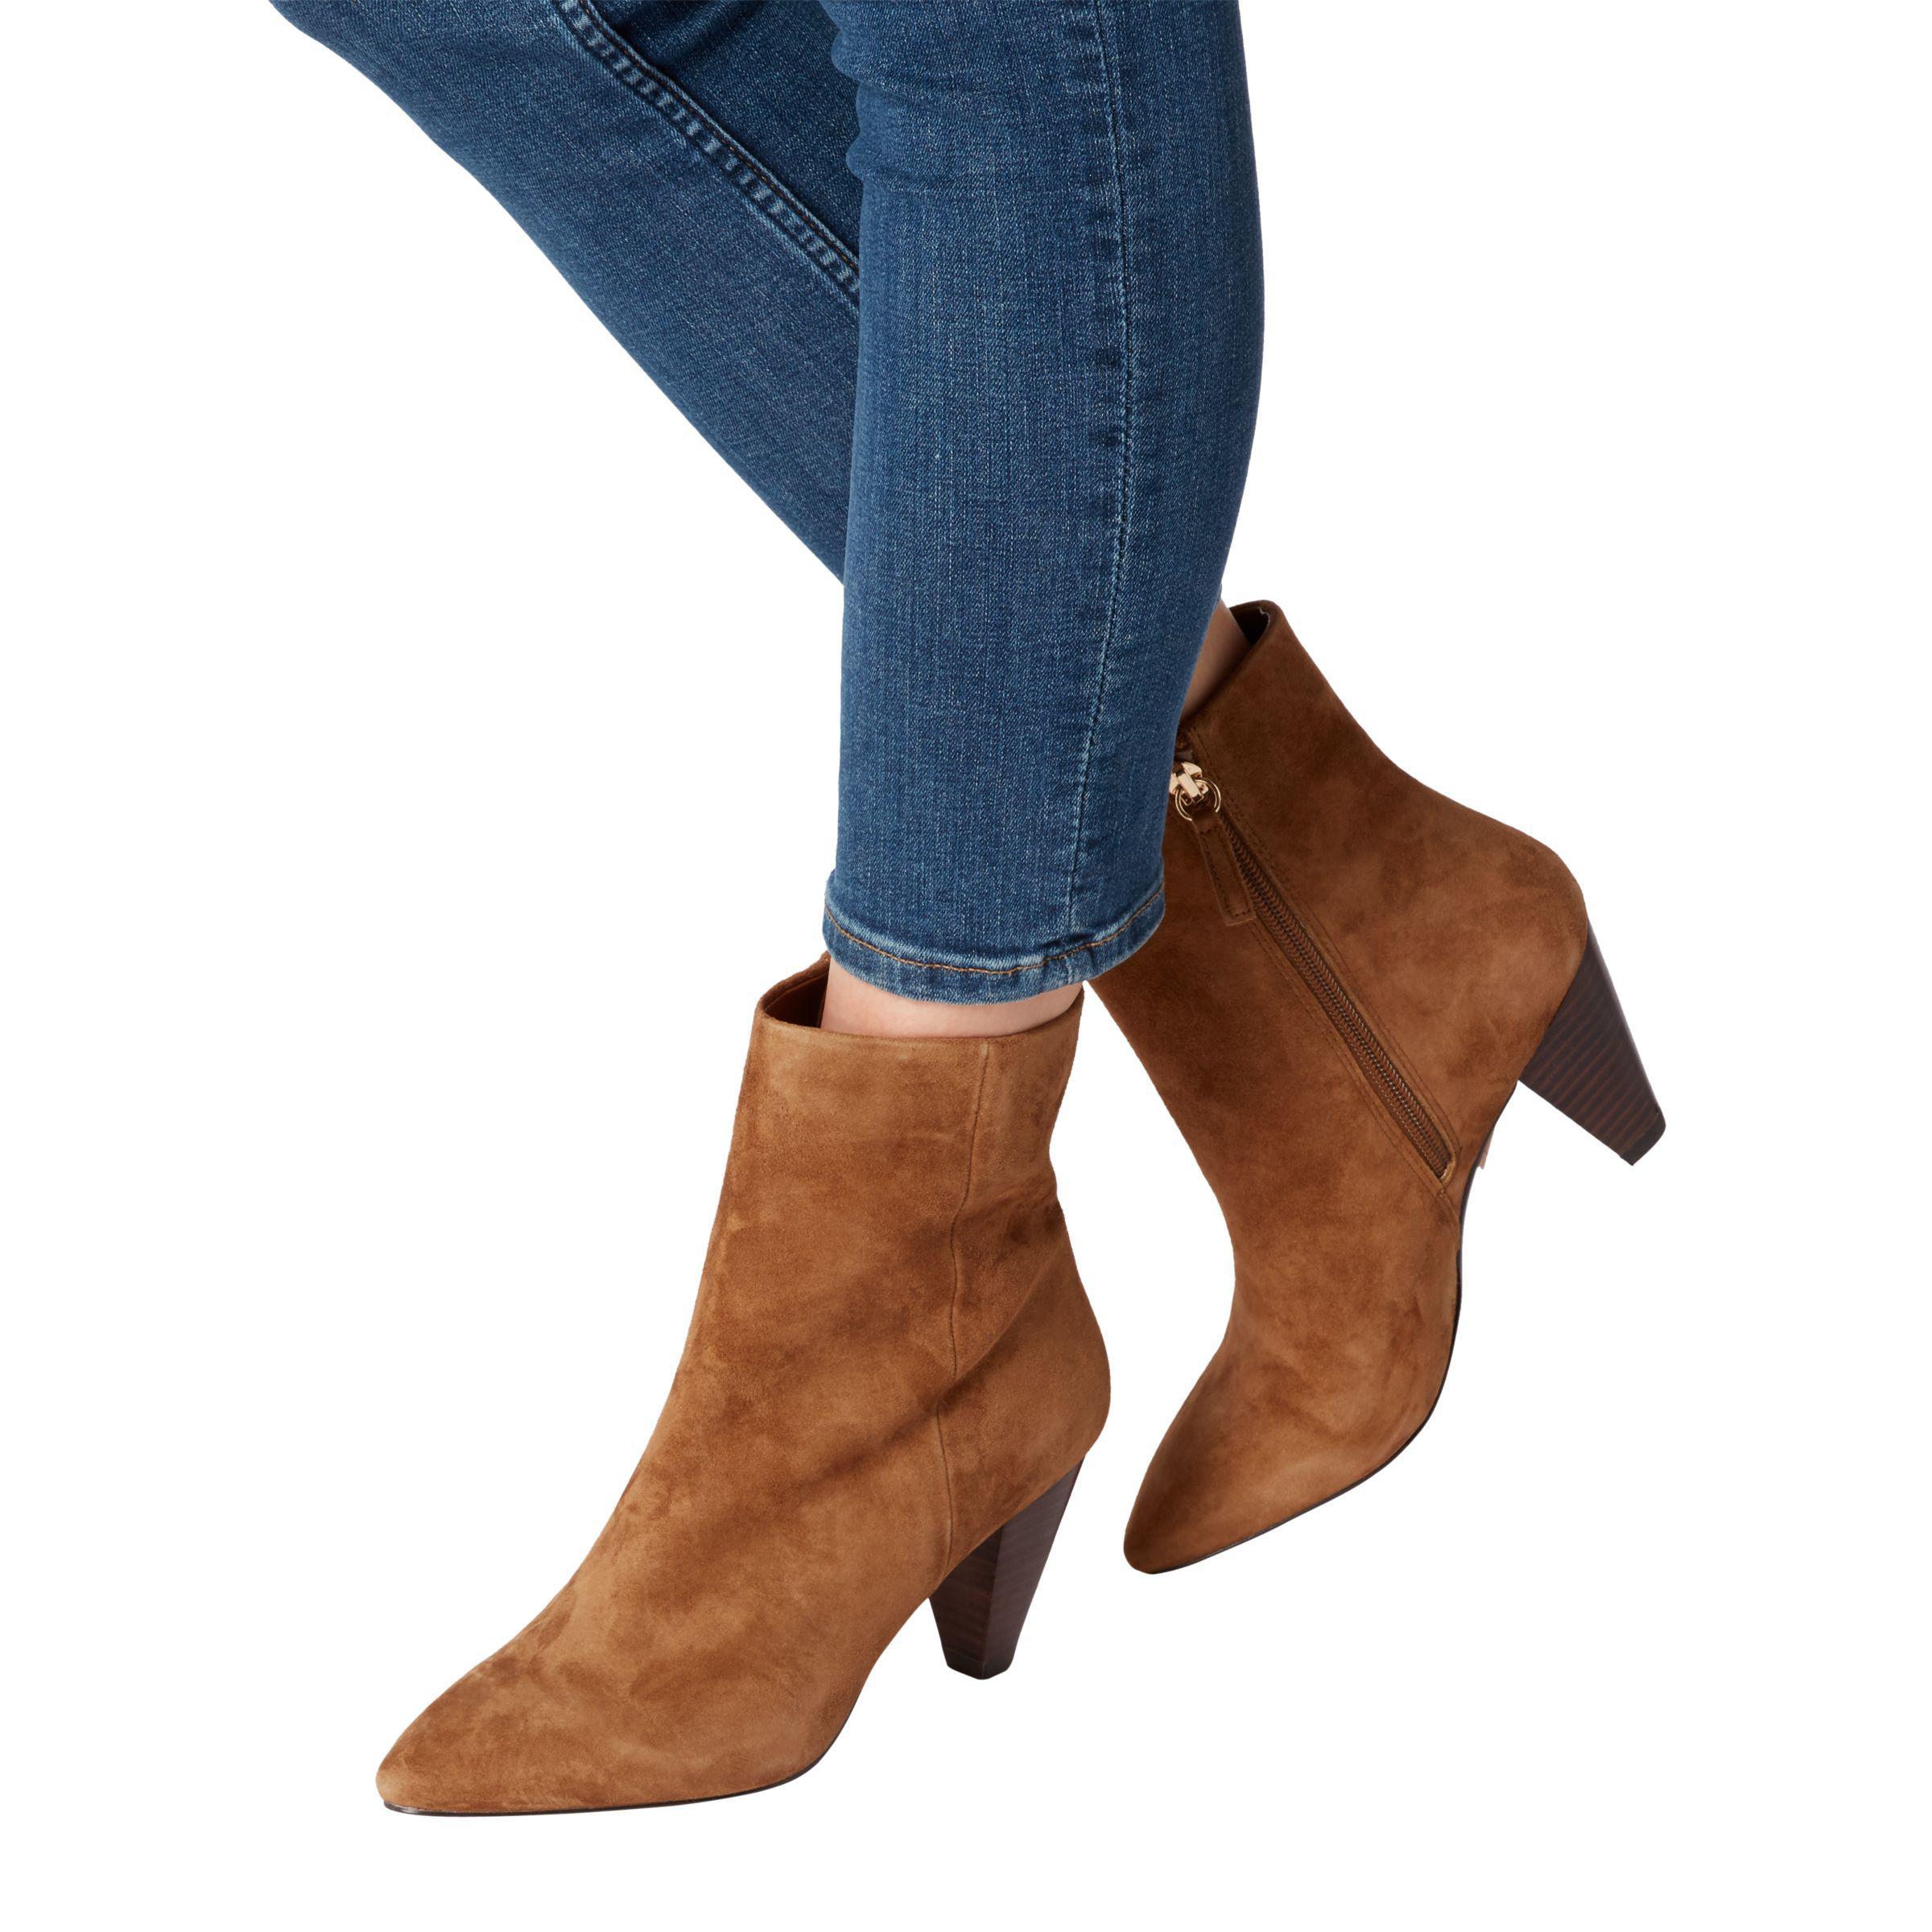 Dune Denim Perru Block Heeled Ankle Boots in Tan Suede (Brown)